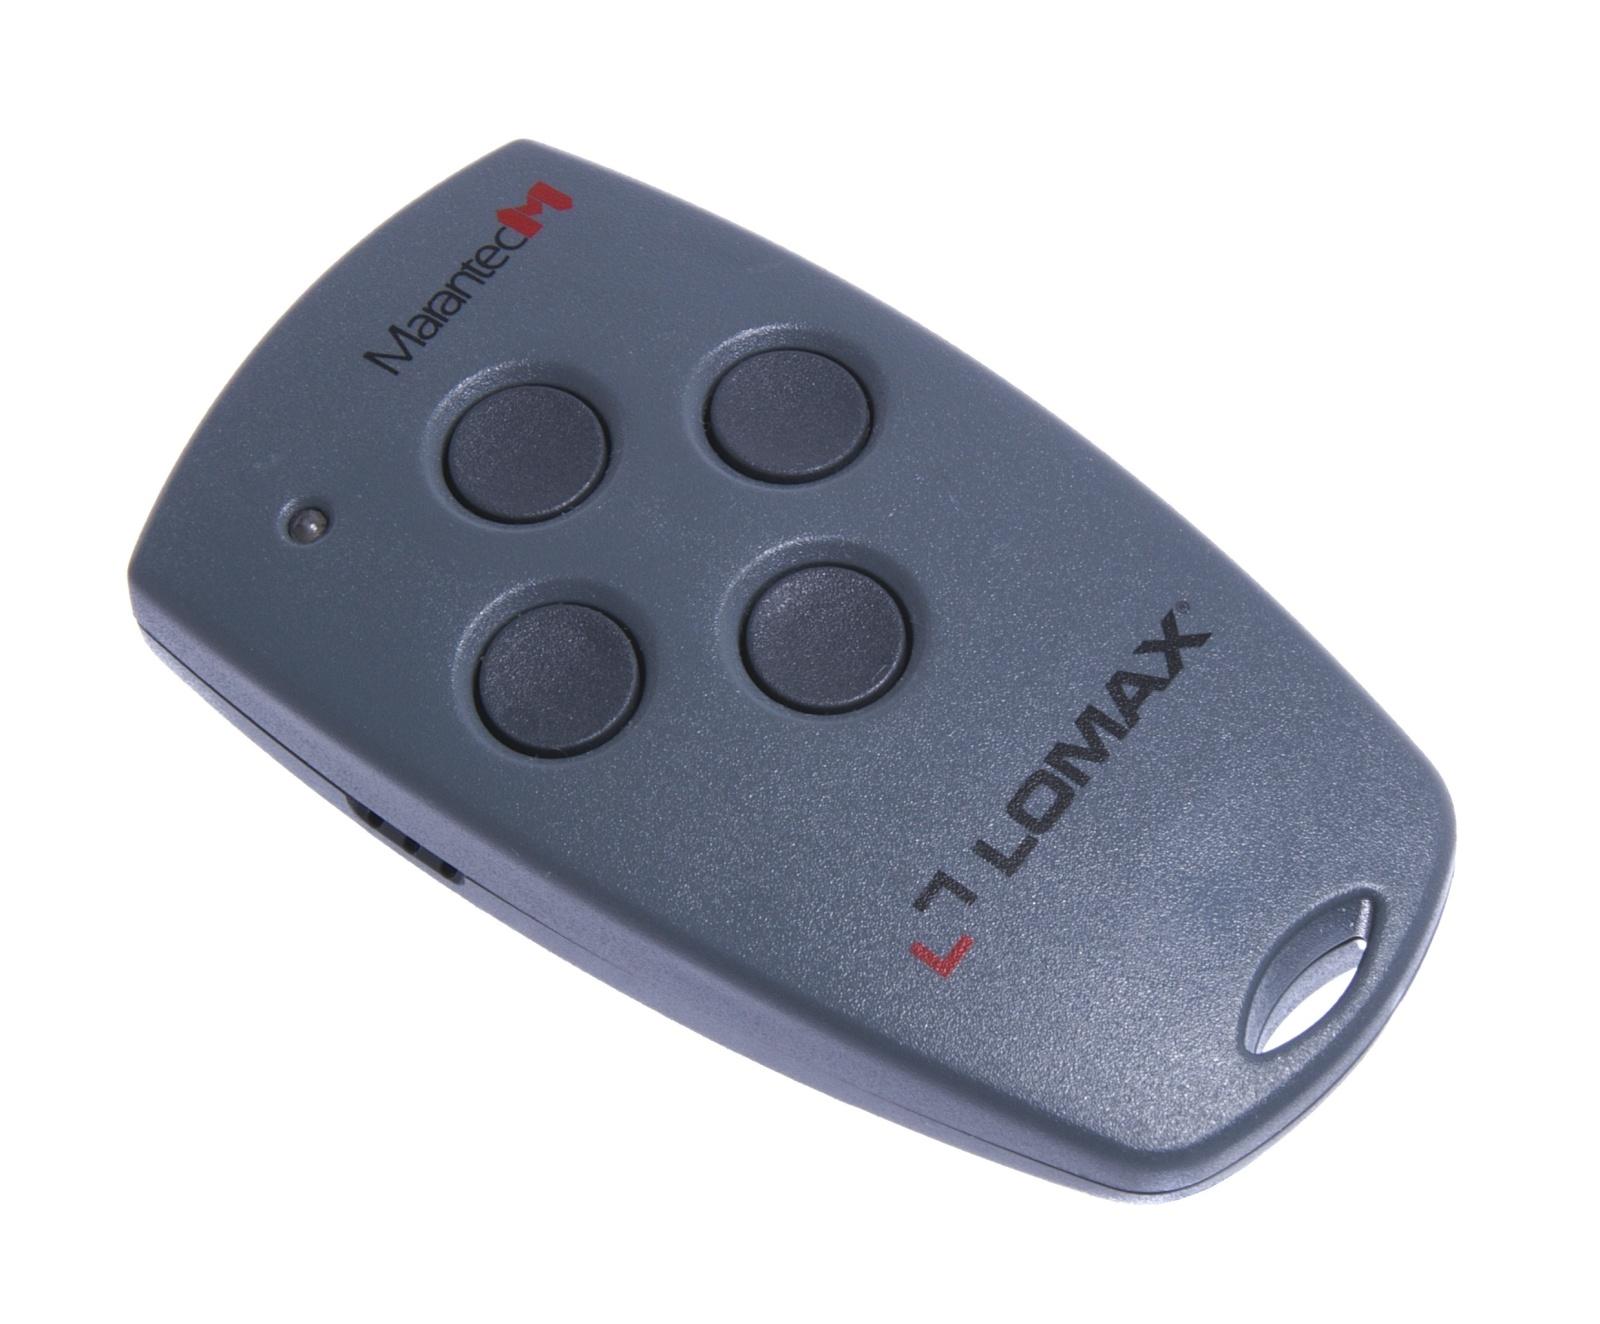 Ovladač Lomax Digital 304, 4 kanálový dálkový ovladač, 868 MHz LX304.868